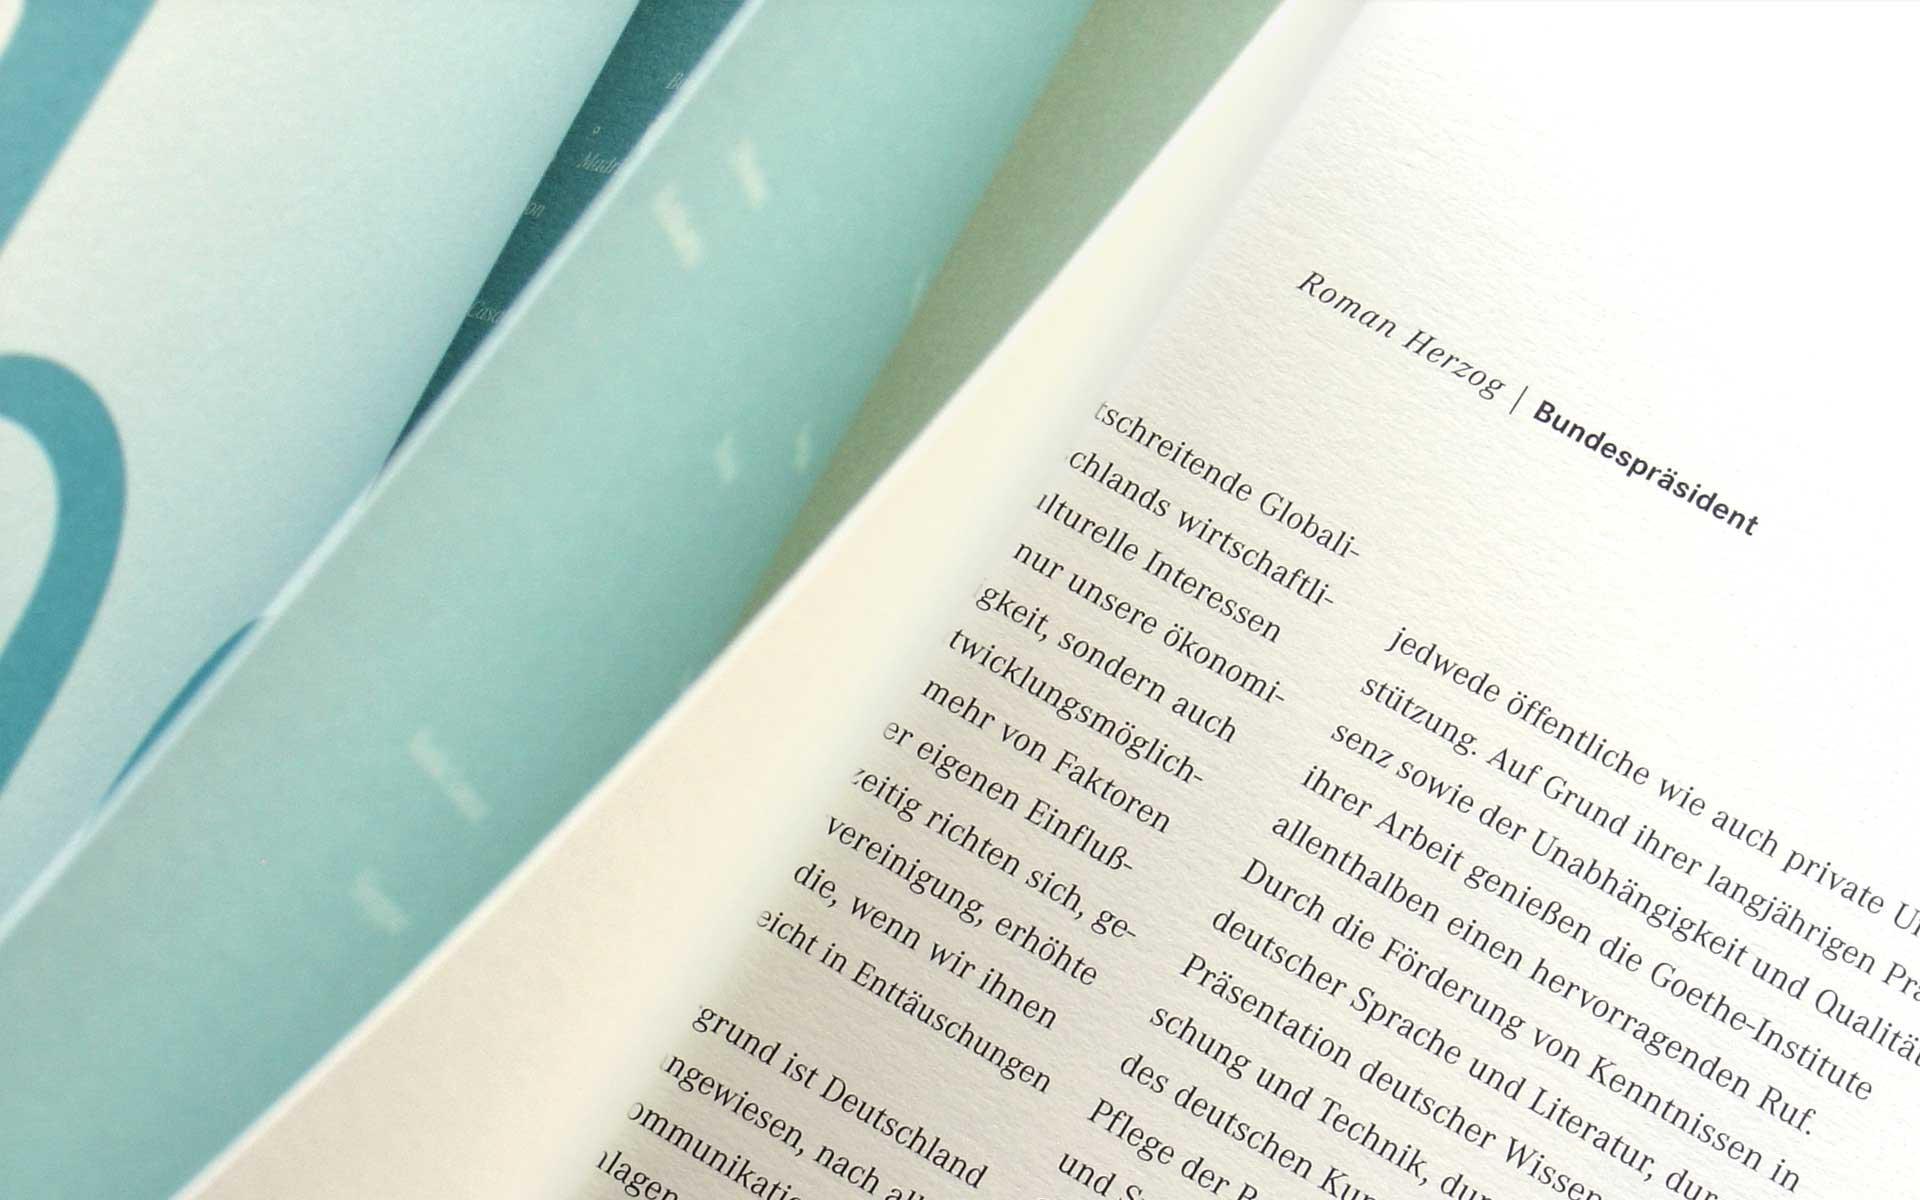 Goethe-Institut, Broschüre für das Sponsoring, um 1998.